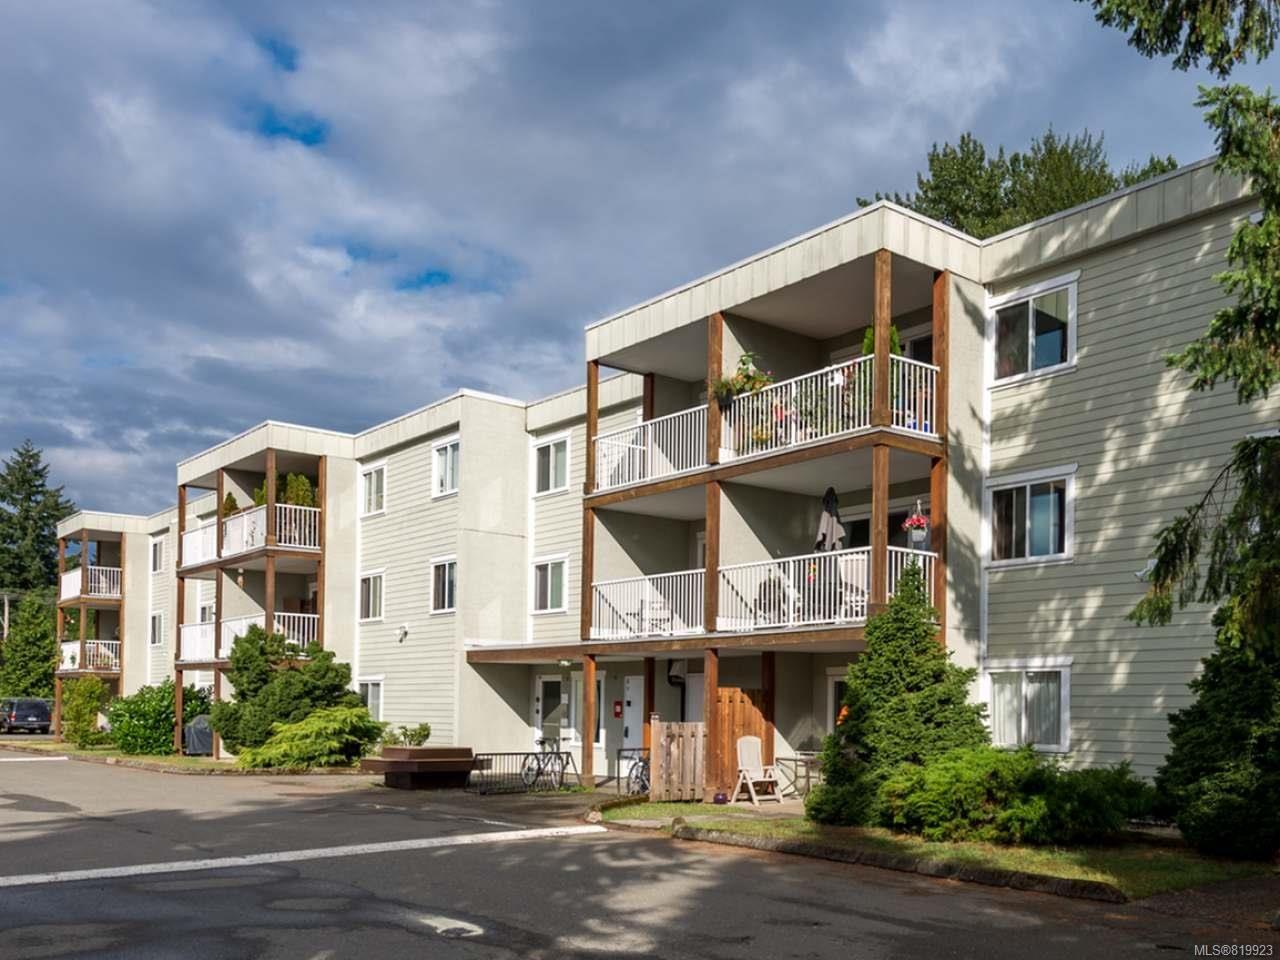 Main Photo: 309 1130 Willemar Ave in COURTENAY: CV Courtenay City Condo for sale (Comox Valley)  : MLS®# 819923